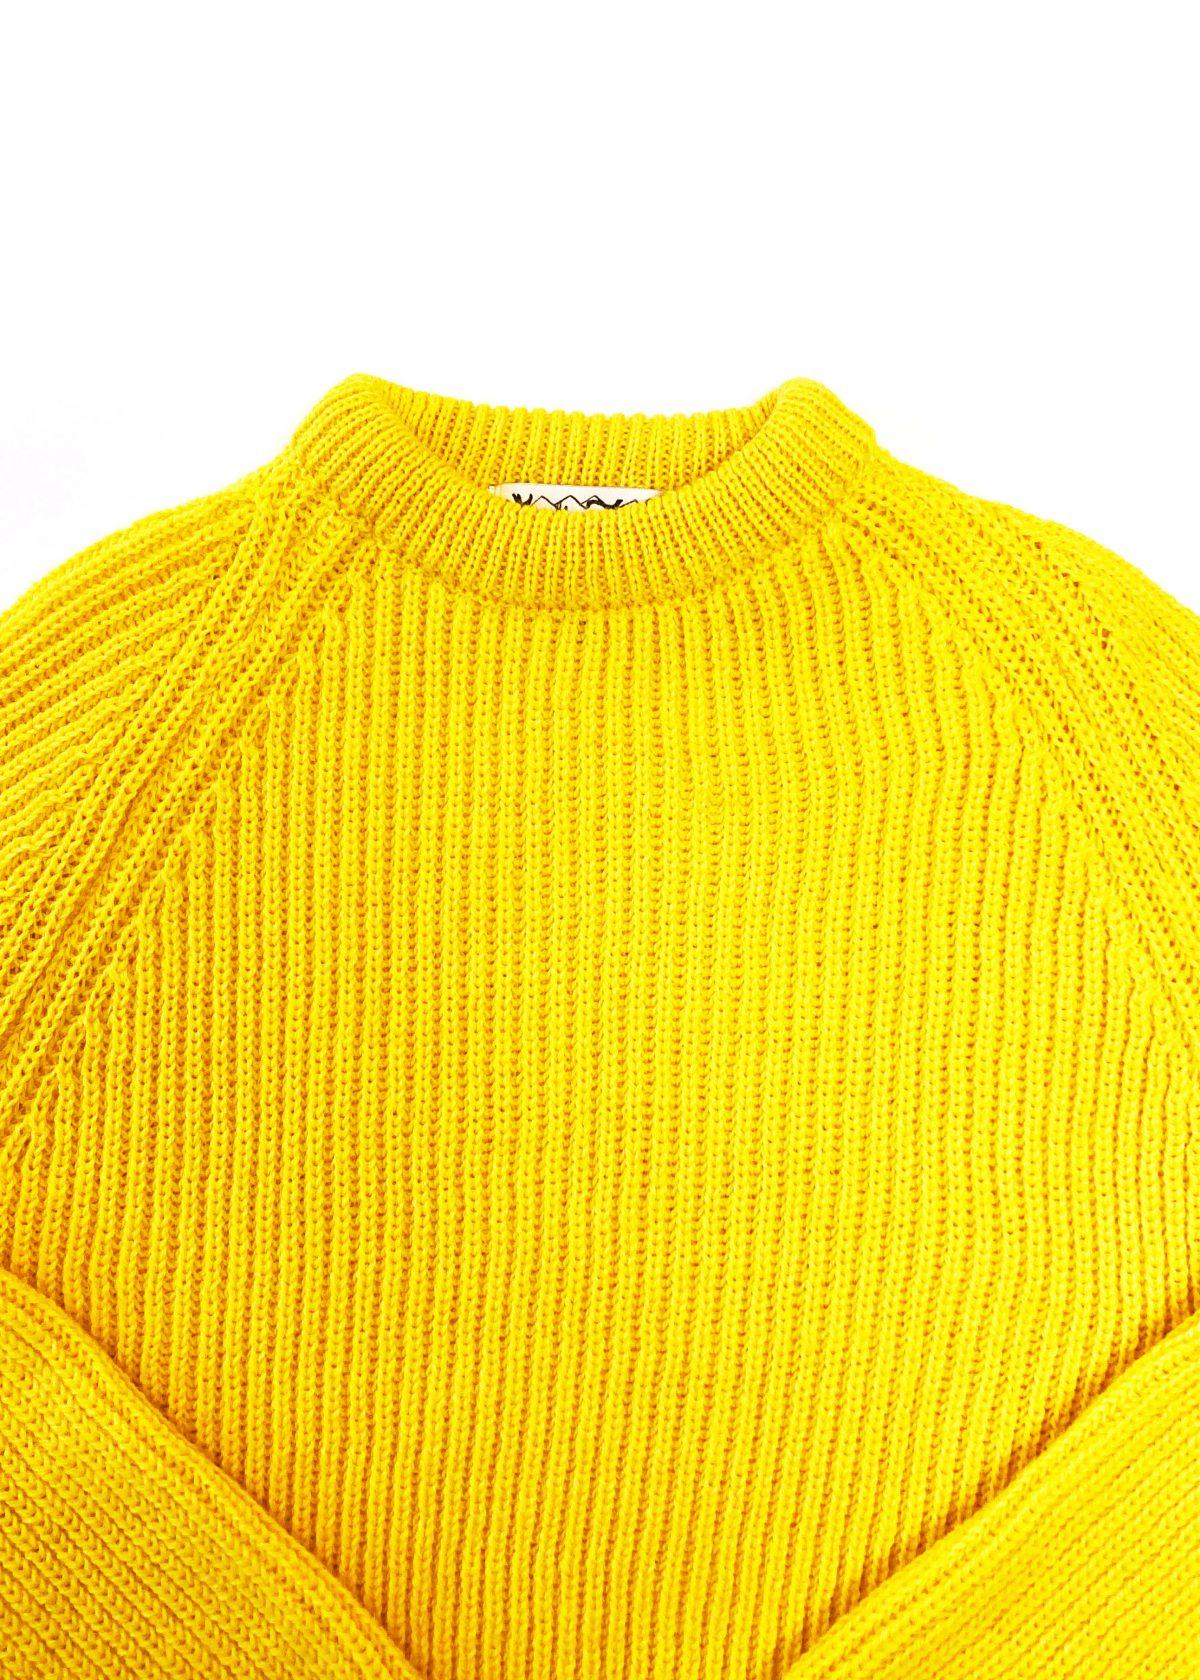 Yellow Sweater Round Neck